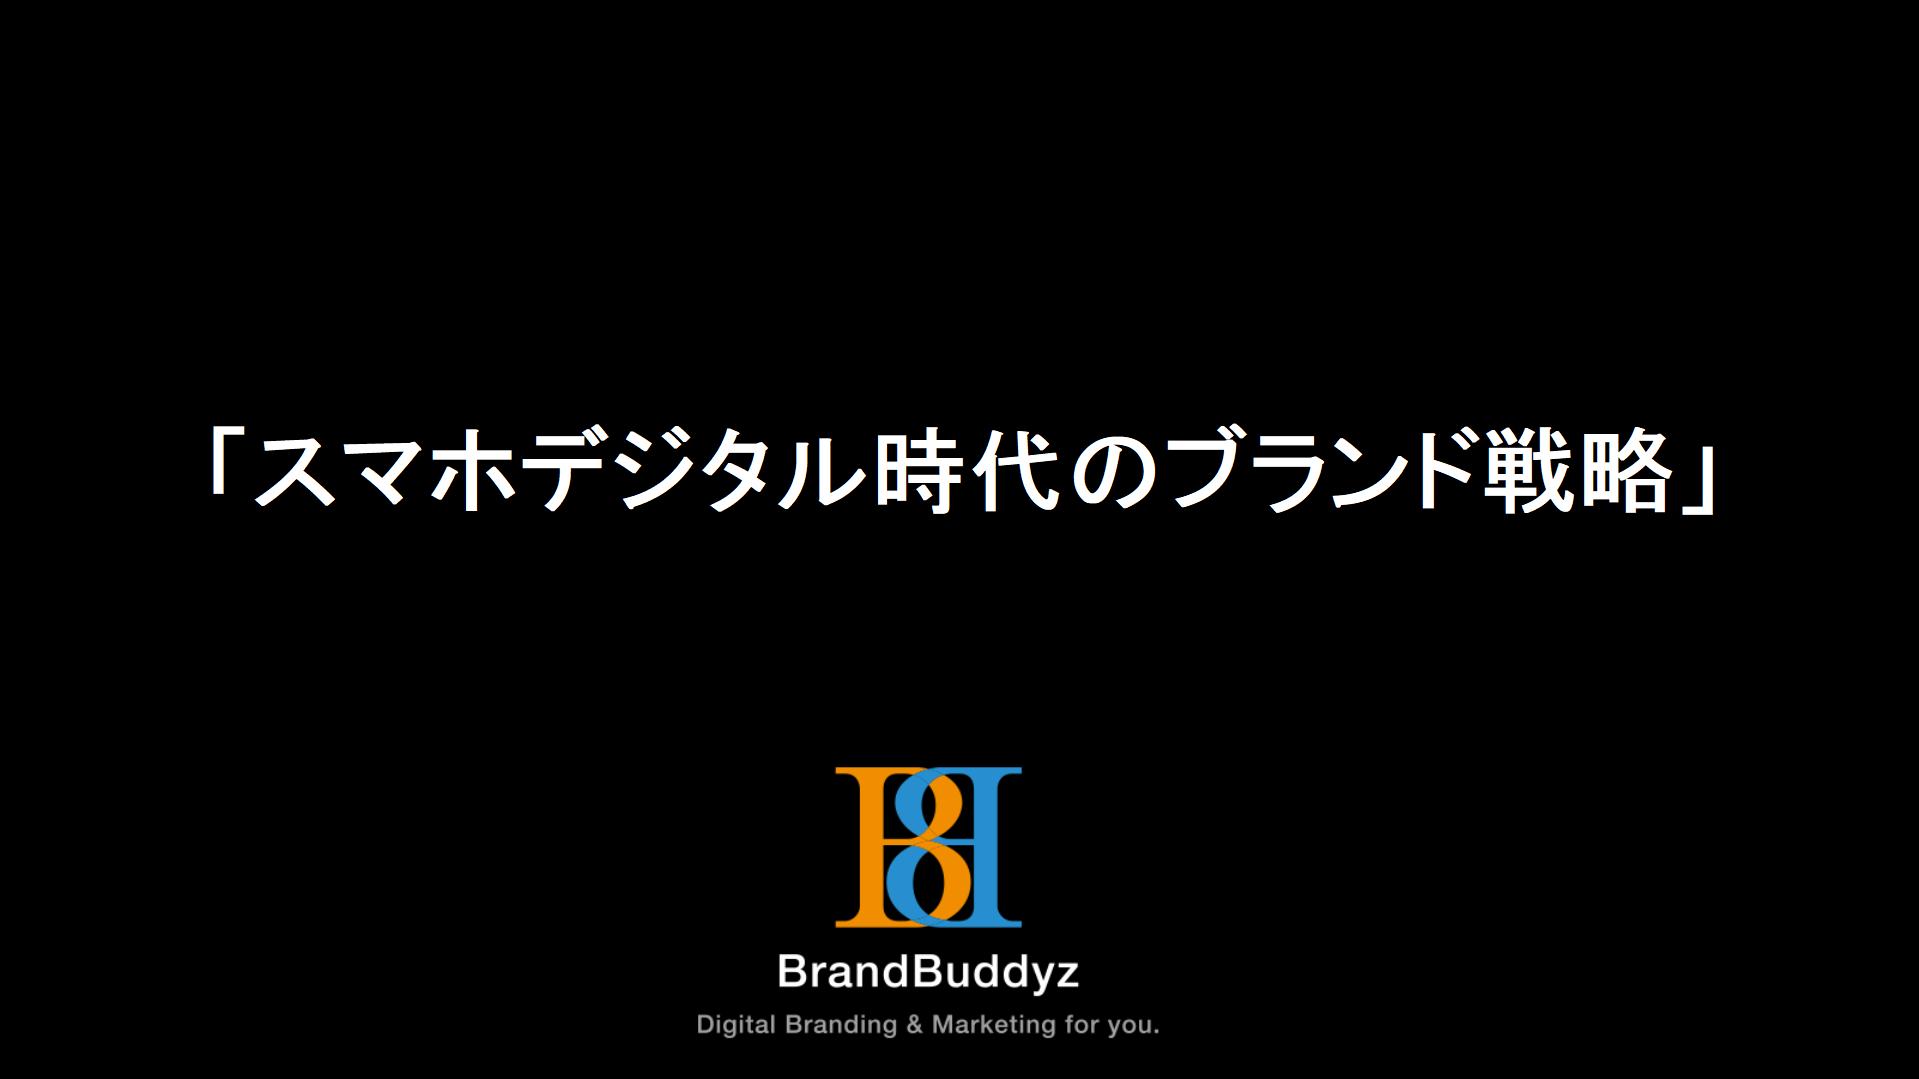 スマホデジタル時代のブランド戦略セミナー《基礎編》